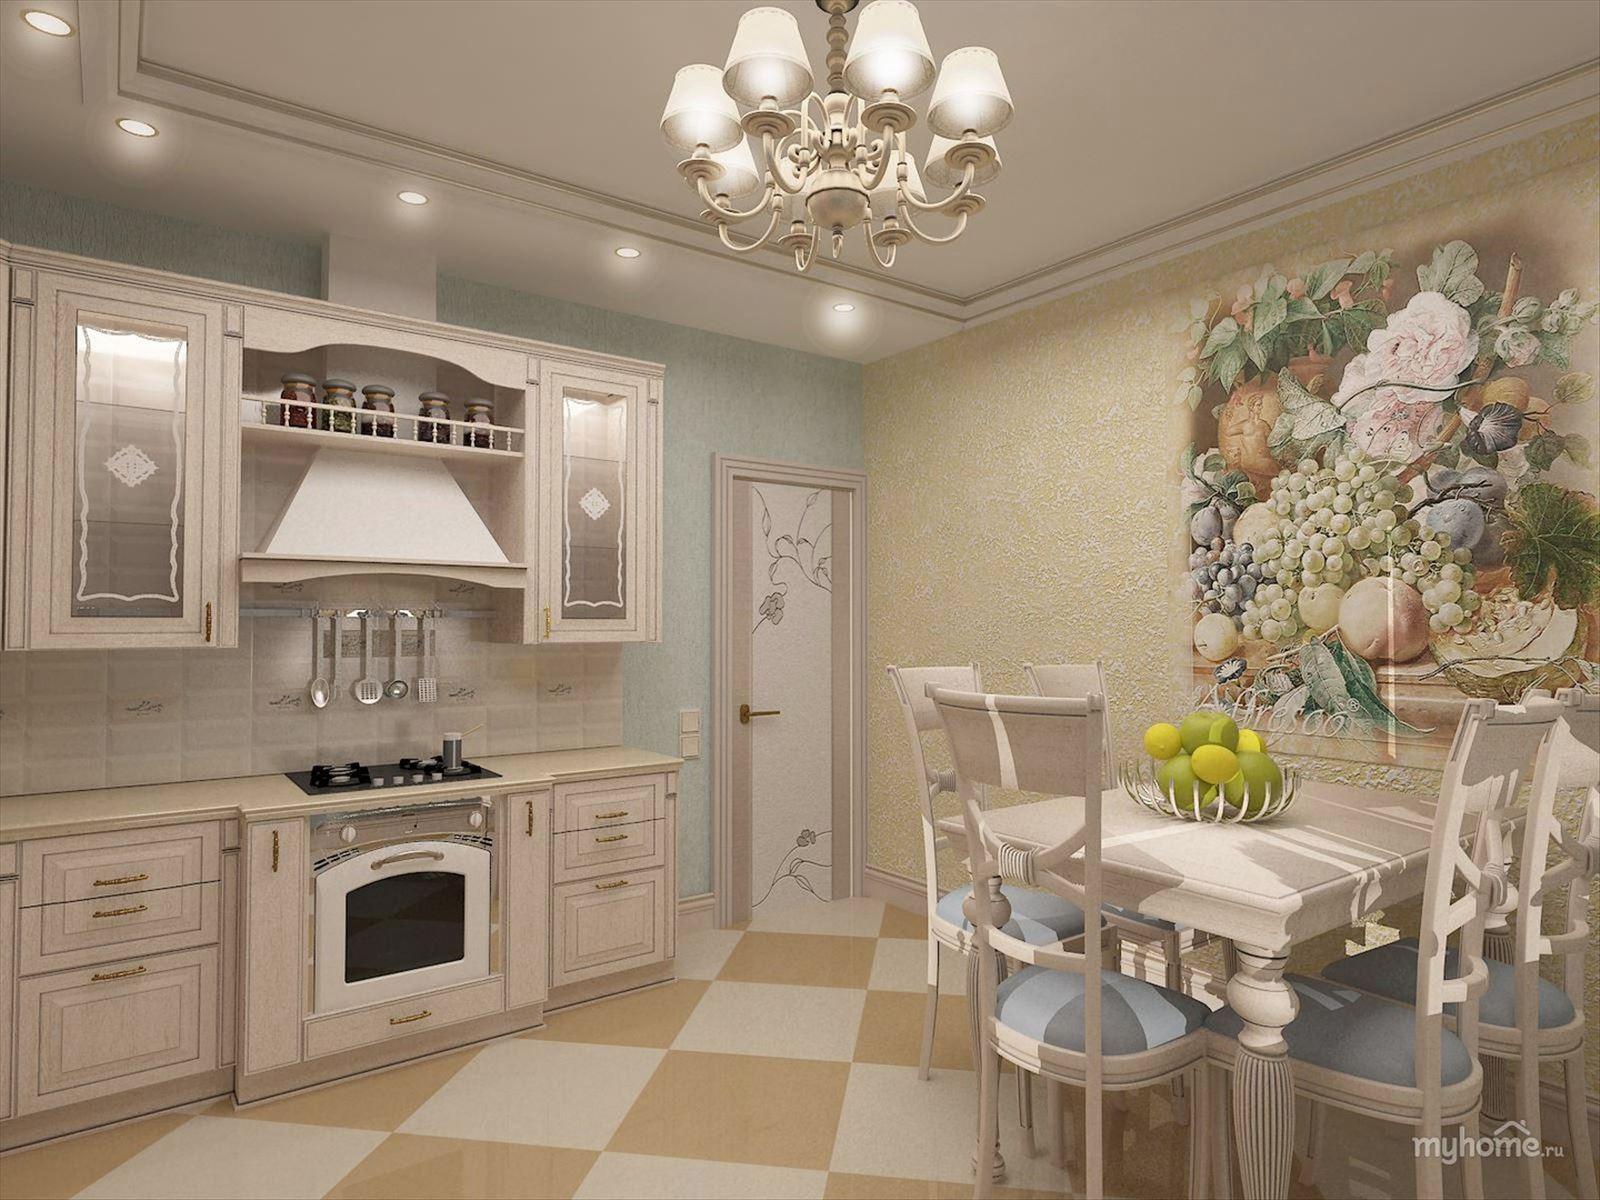 Кухня в стиле прованс в интерьере фото